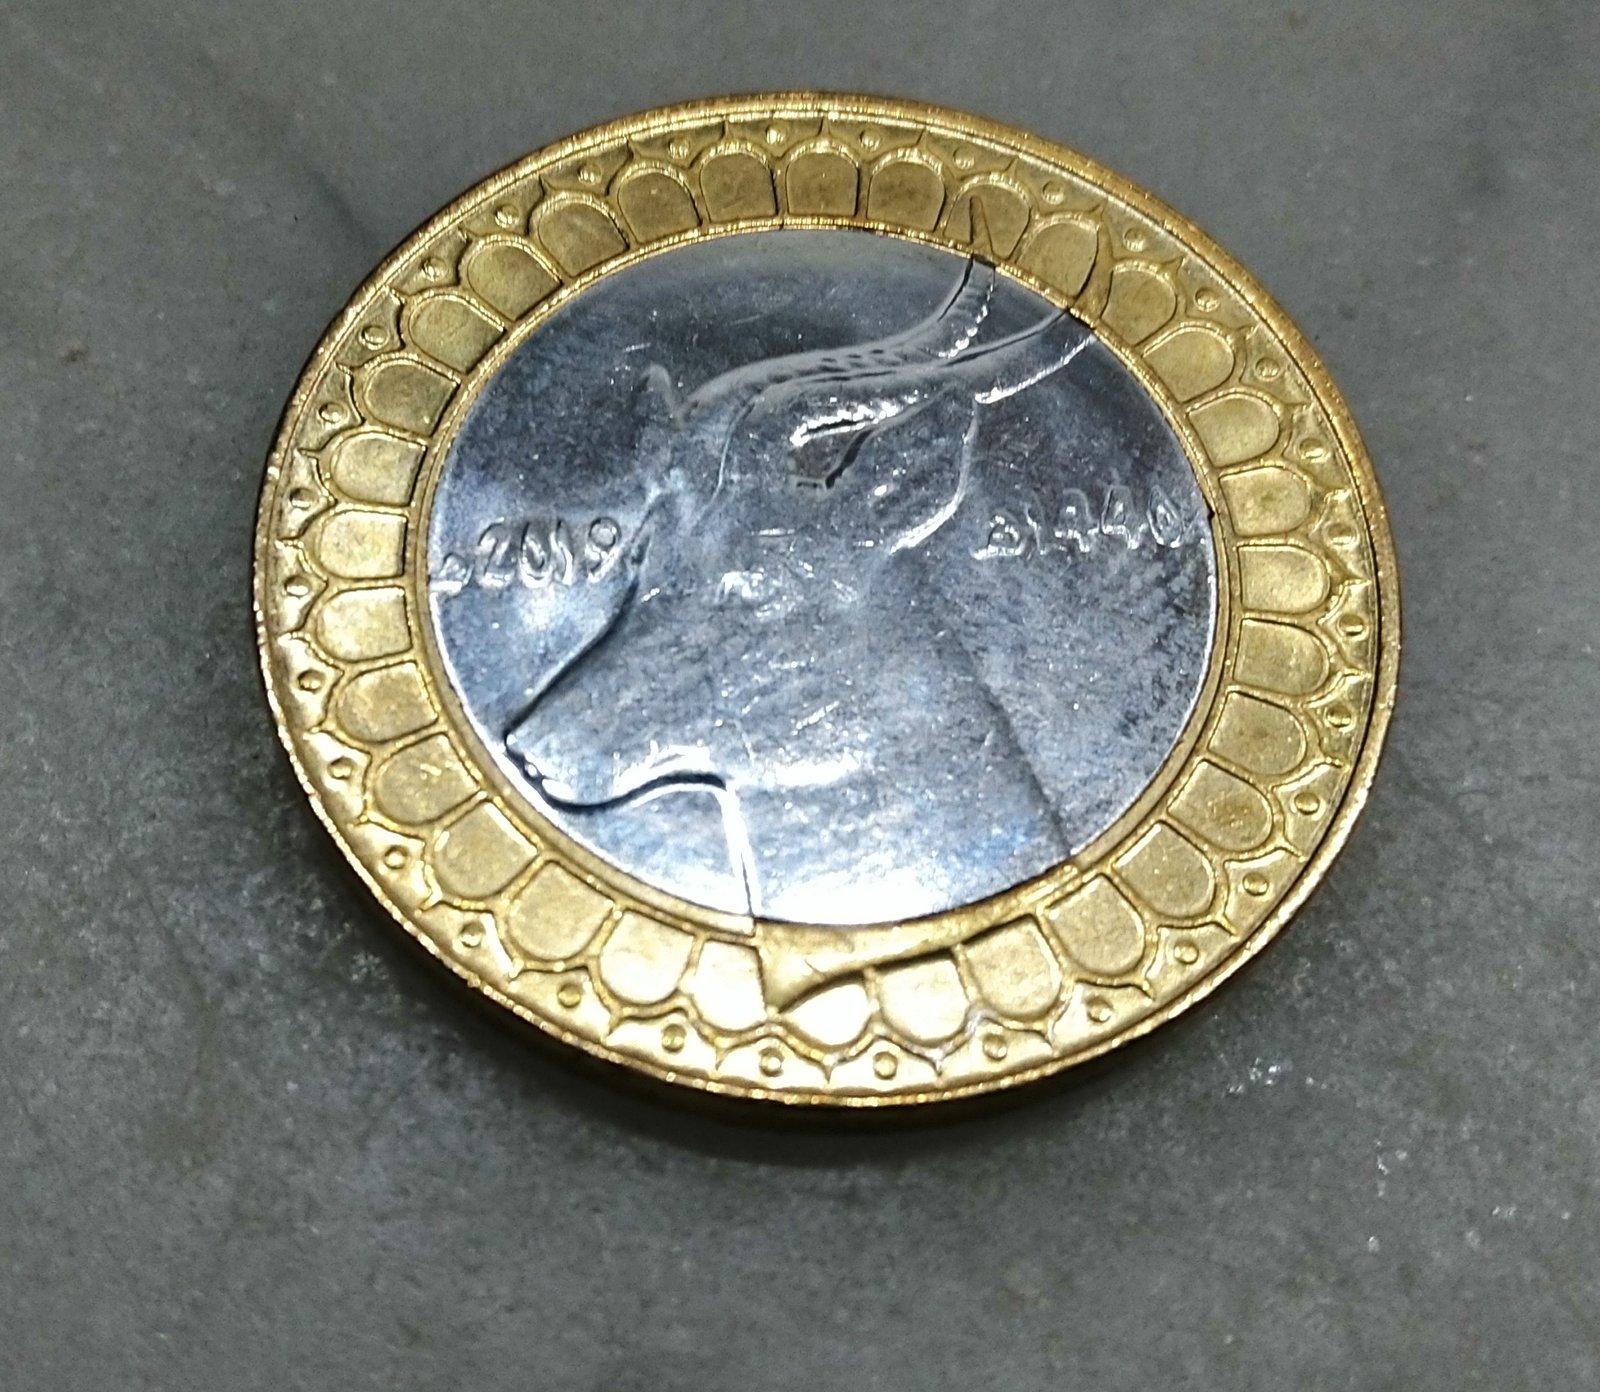 Tableau Pièces de Monnaies RADP: janvier 2012 - Page 9 190928105103128677